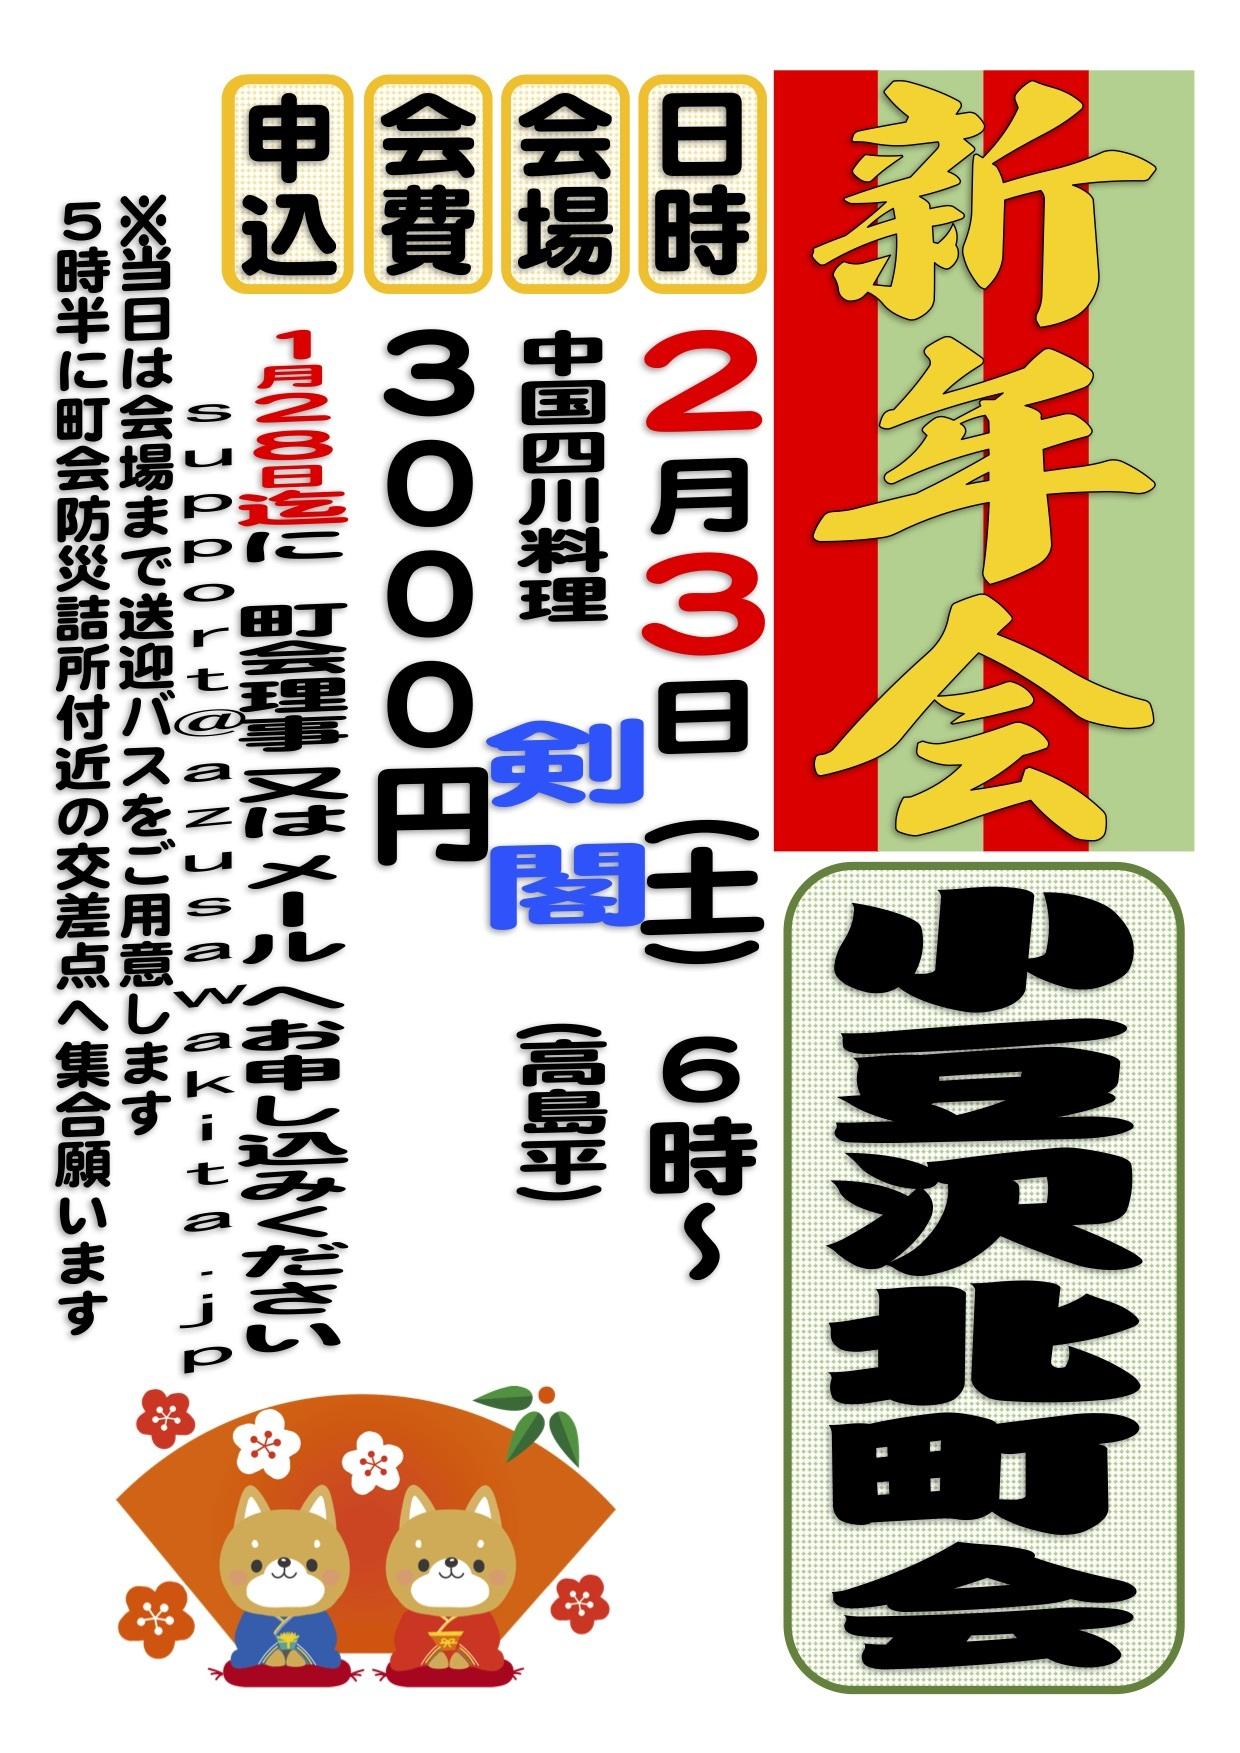 2018年2月3日(土) 小豆沢北町会新年会2018年